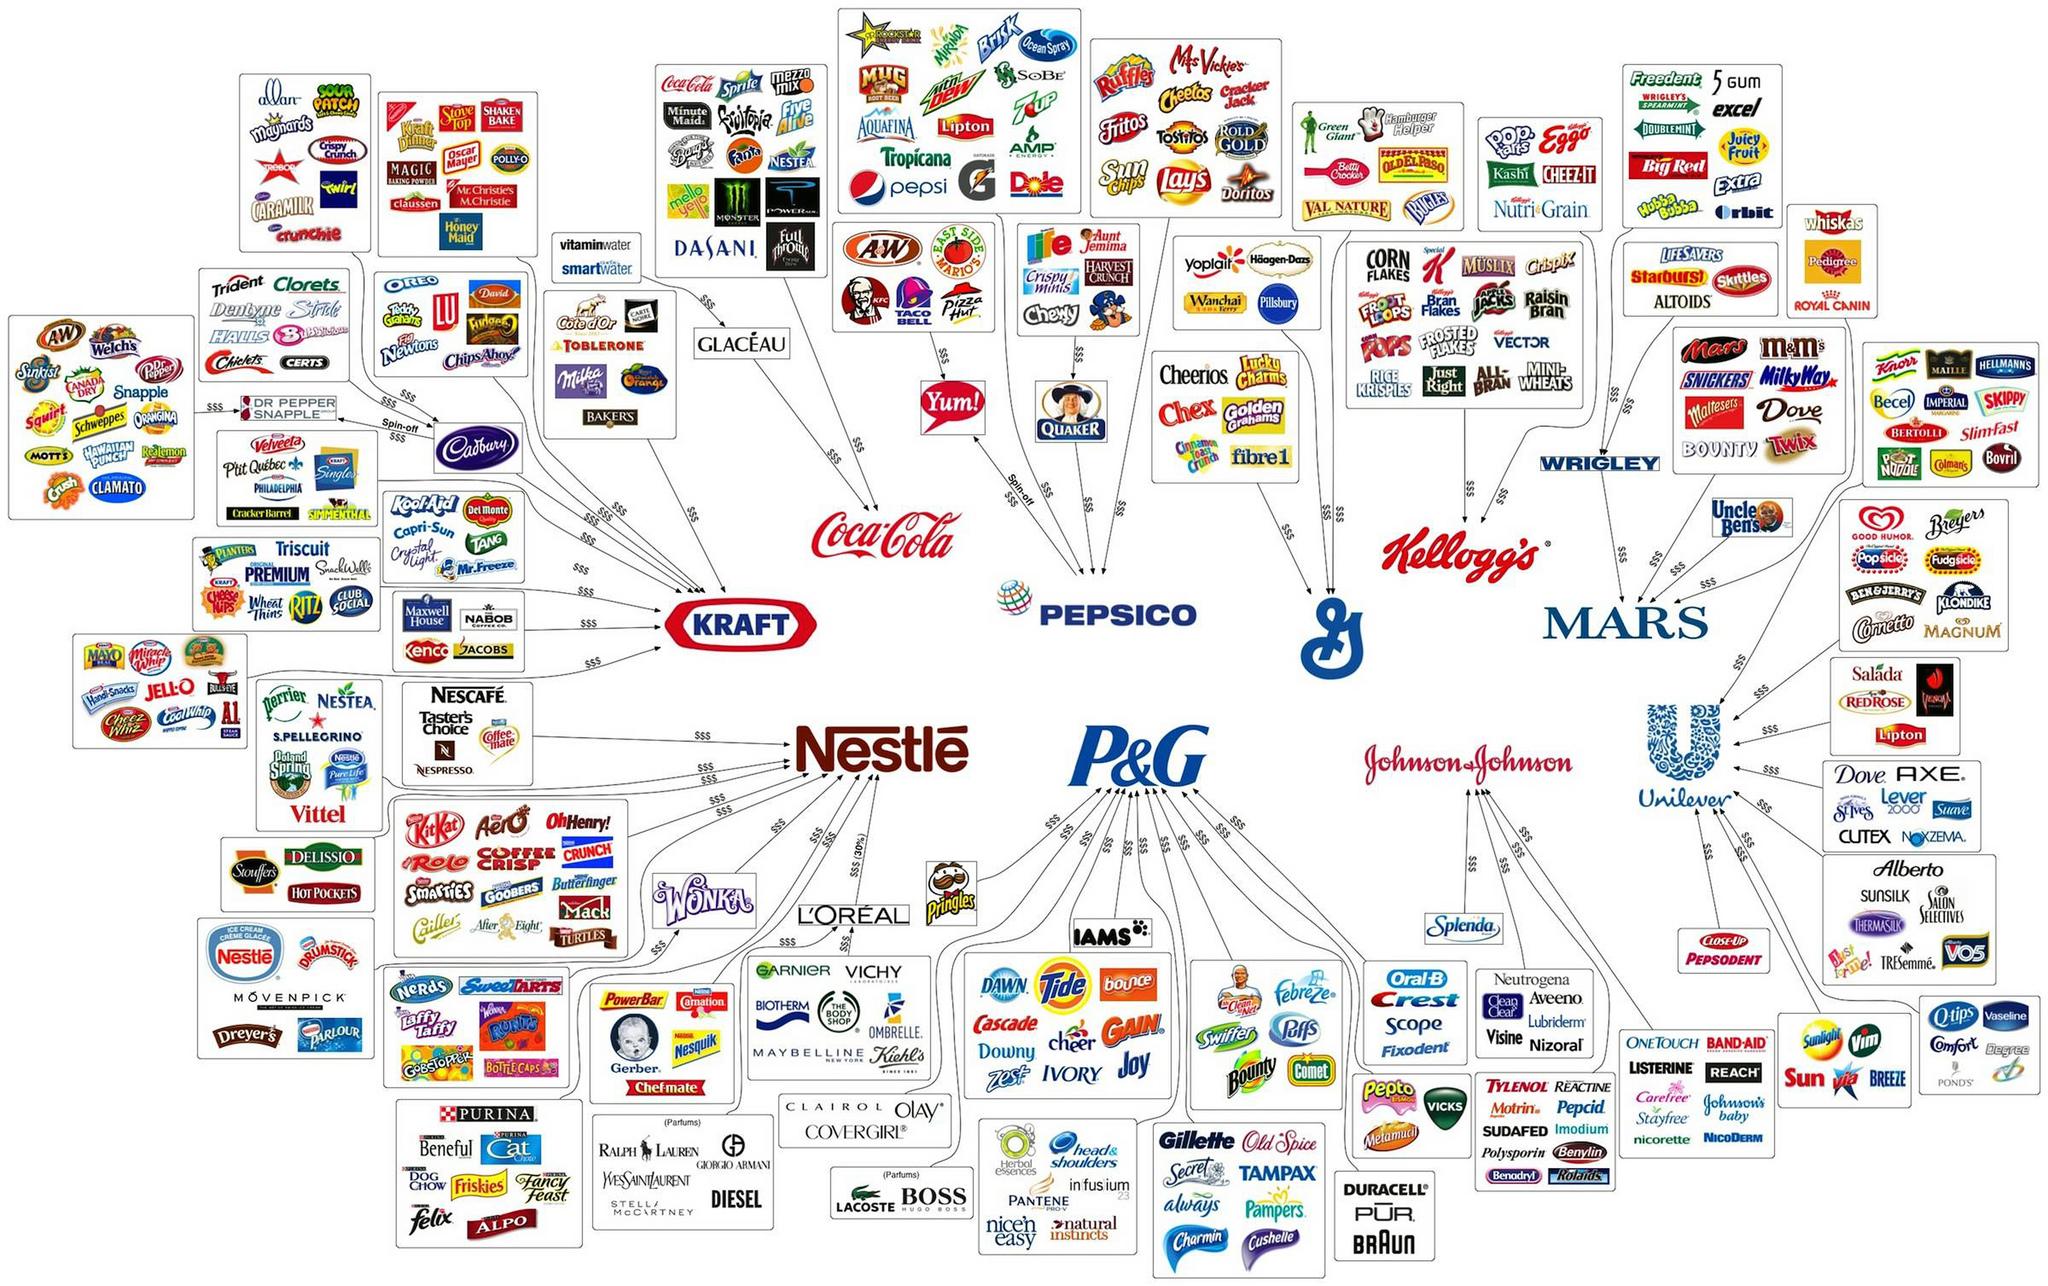 Toutes les marques et leur propriétaires tels que Coca-Cola, Nestlé, Kellogg's